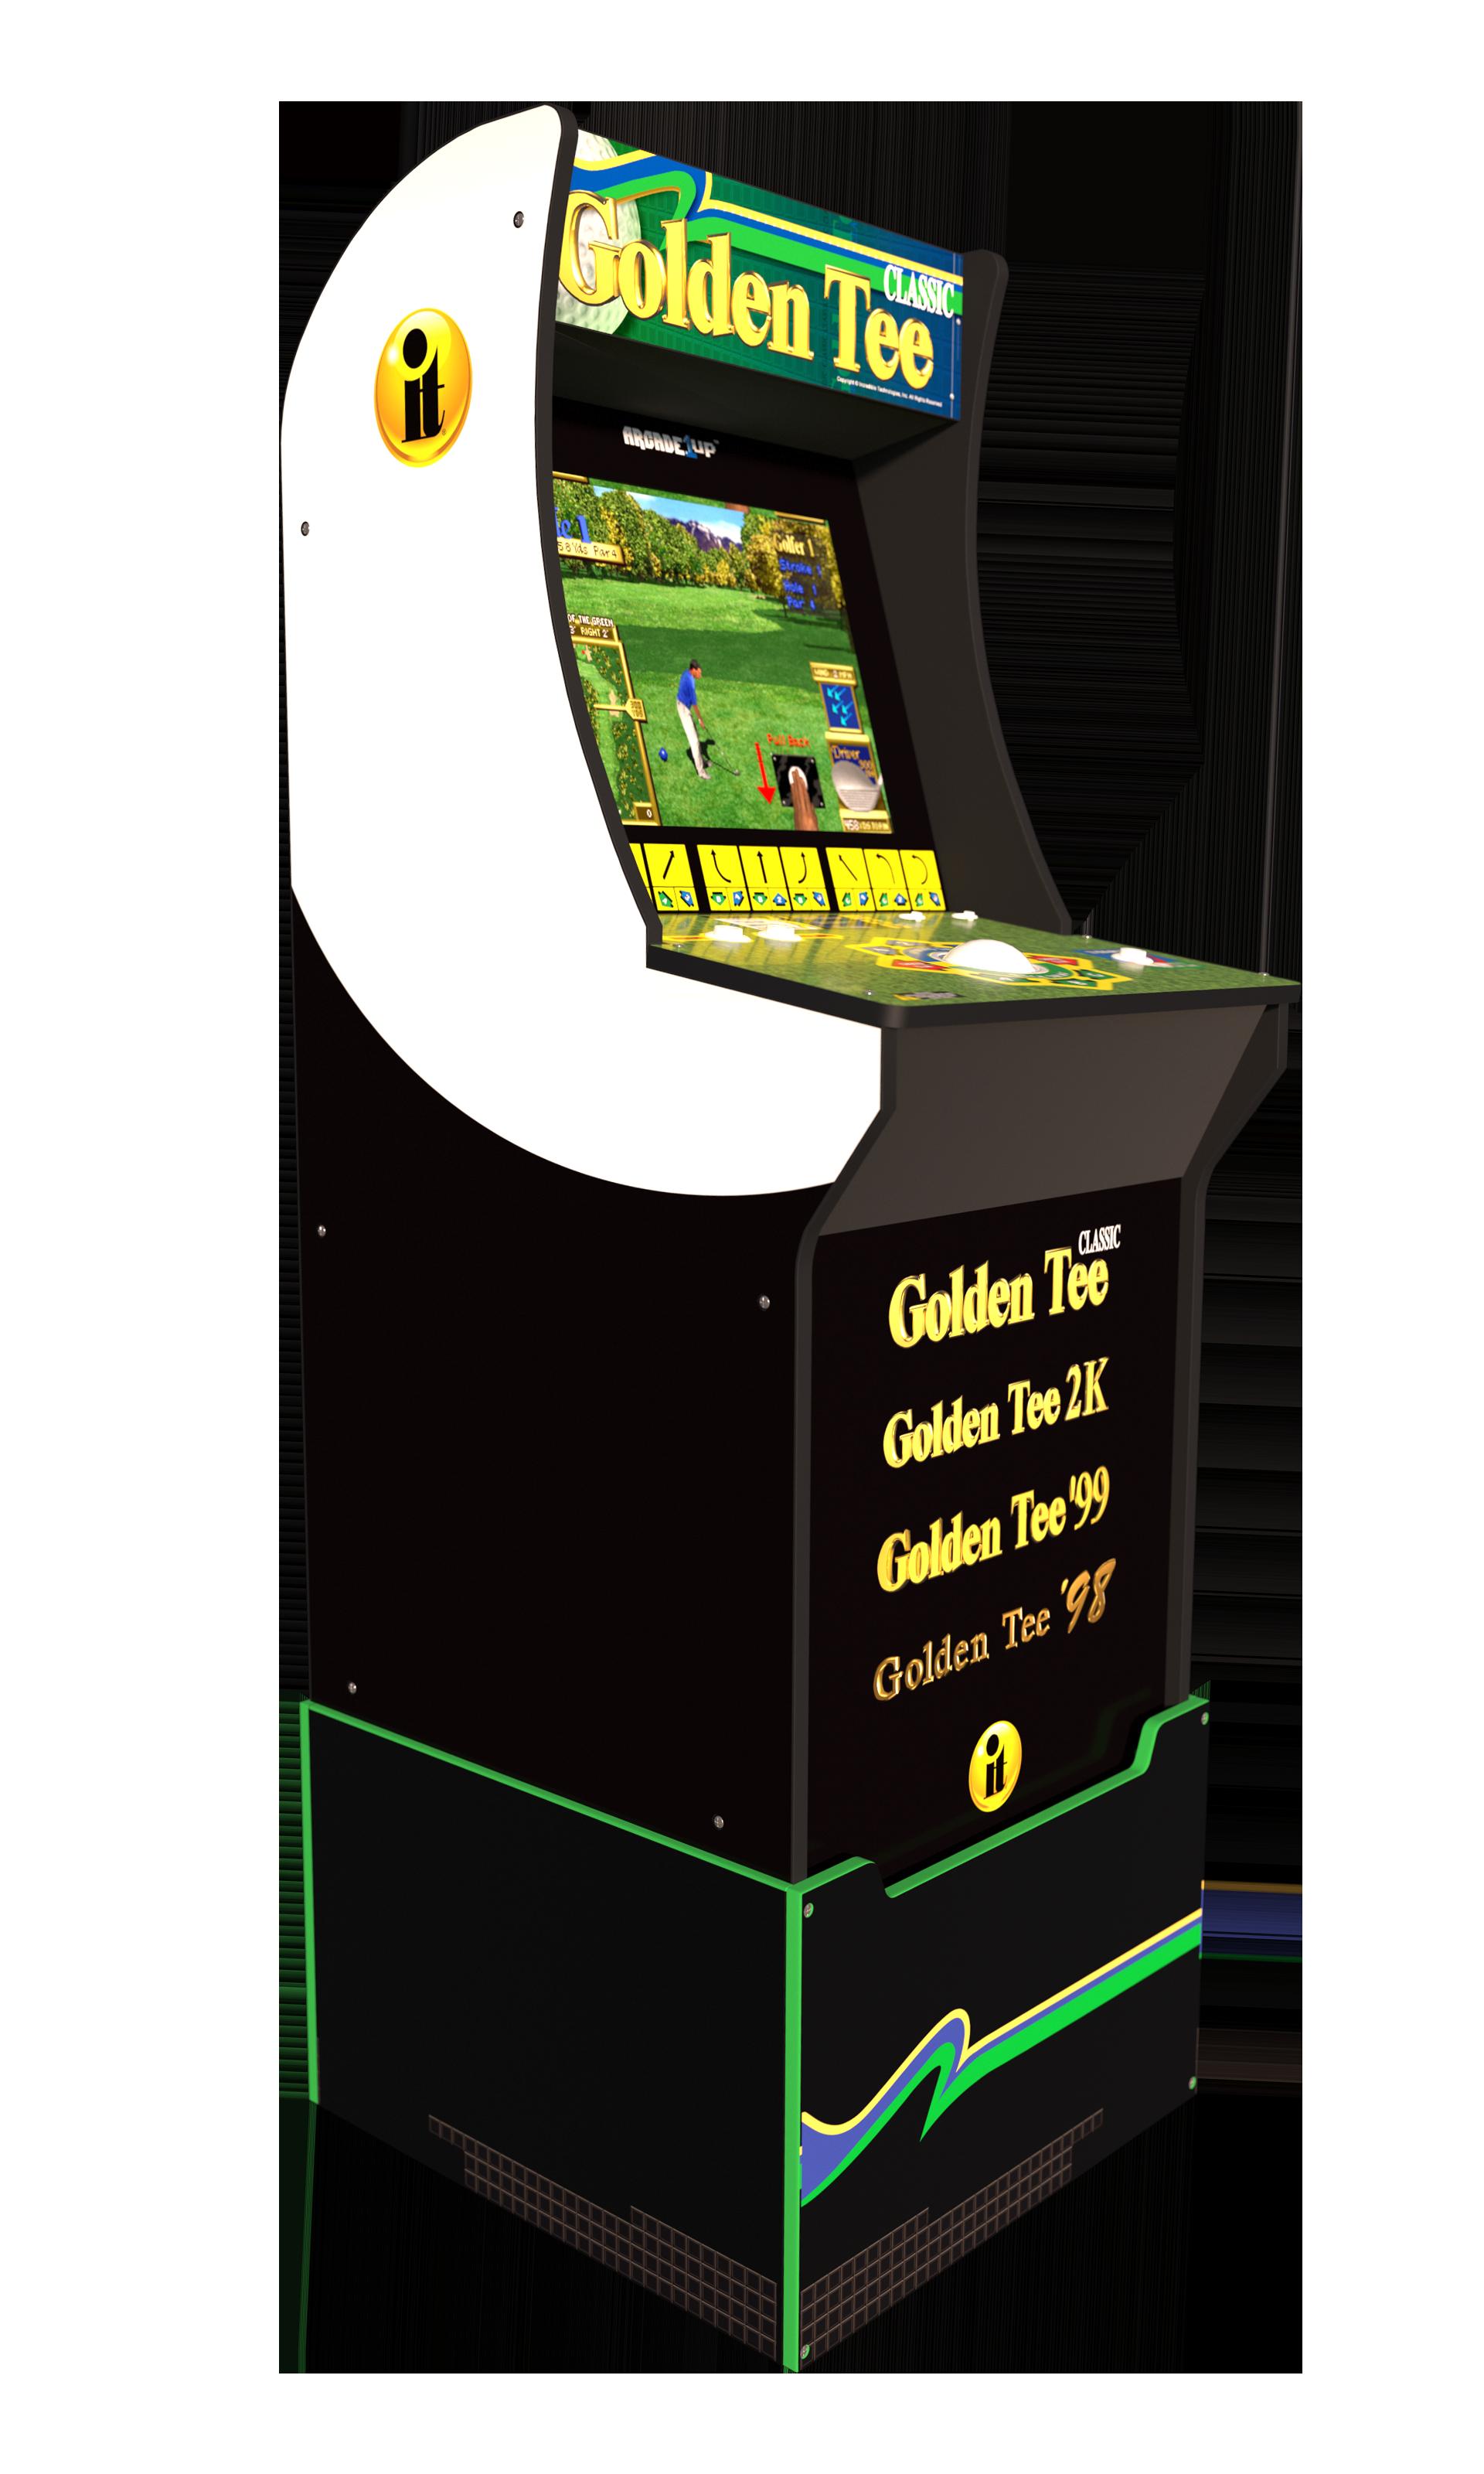 Golden Tee Arcade Machine With Riser 4ft Arcade1up Walmart Com Arcade Arcade Machine Arcade Games